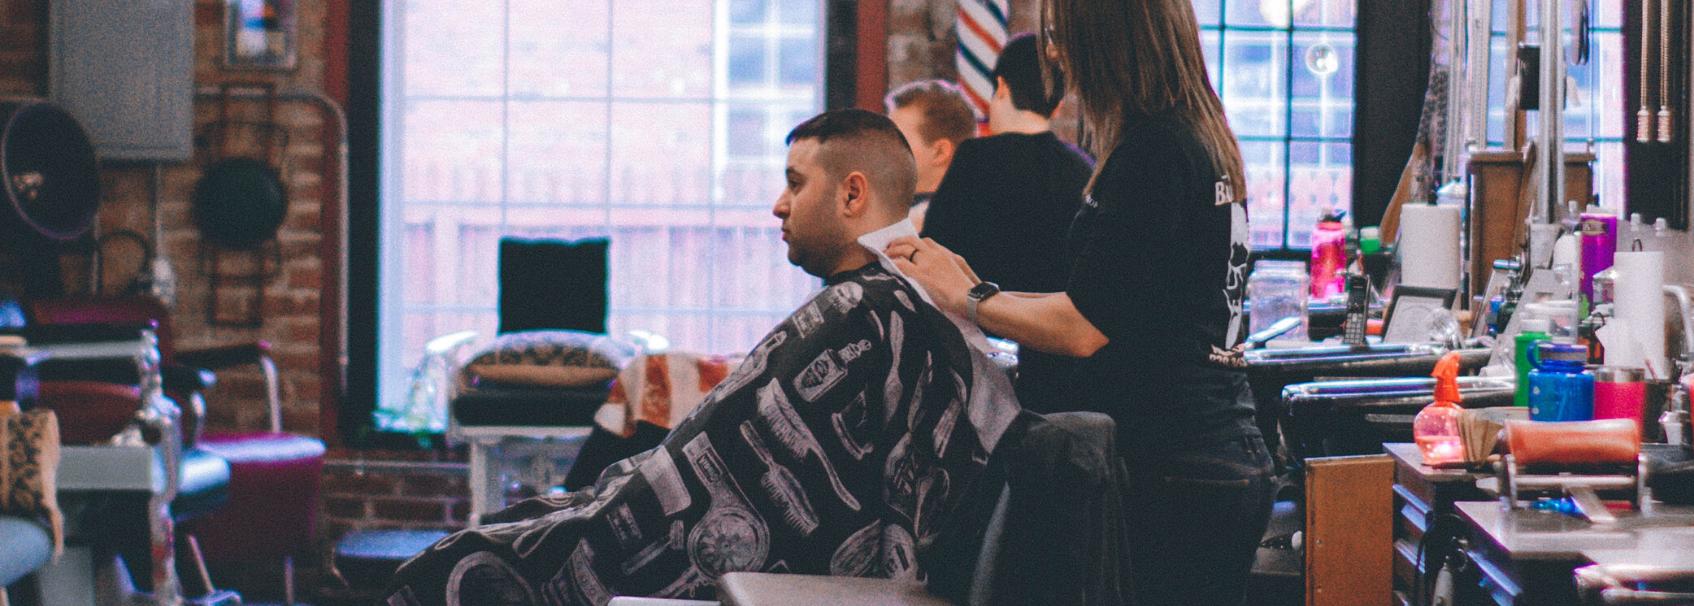 barberías de ciudad de mx